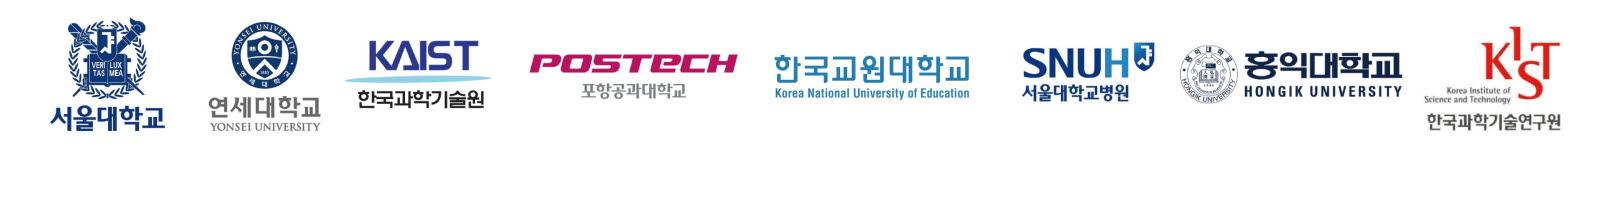 customers in Korea